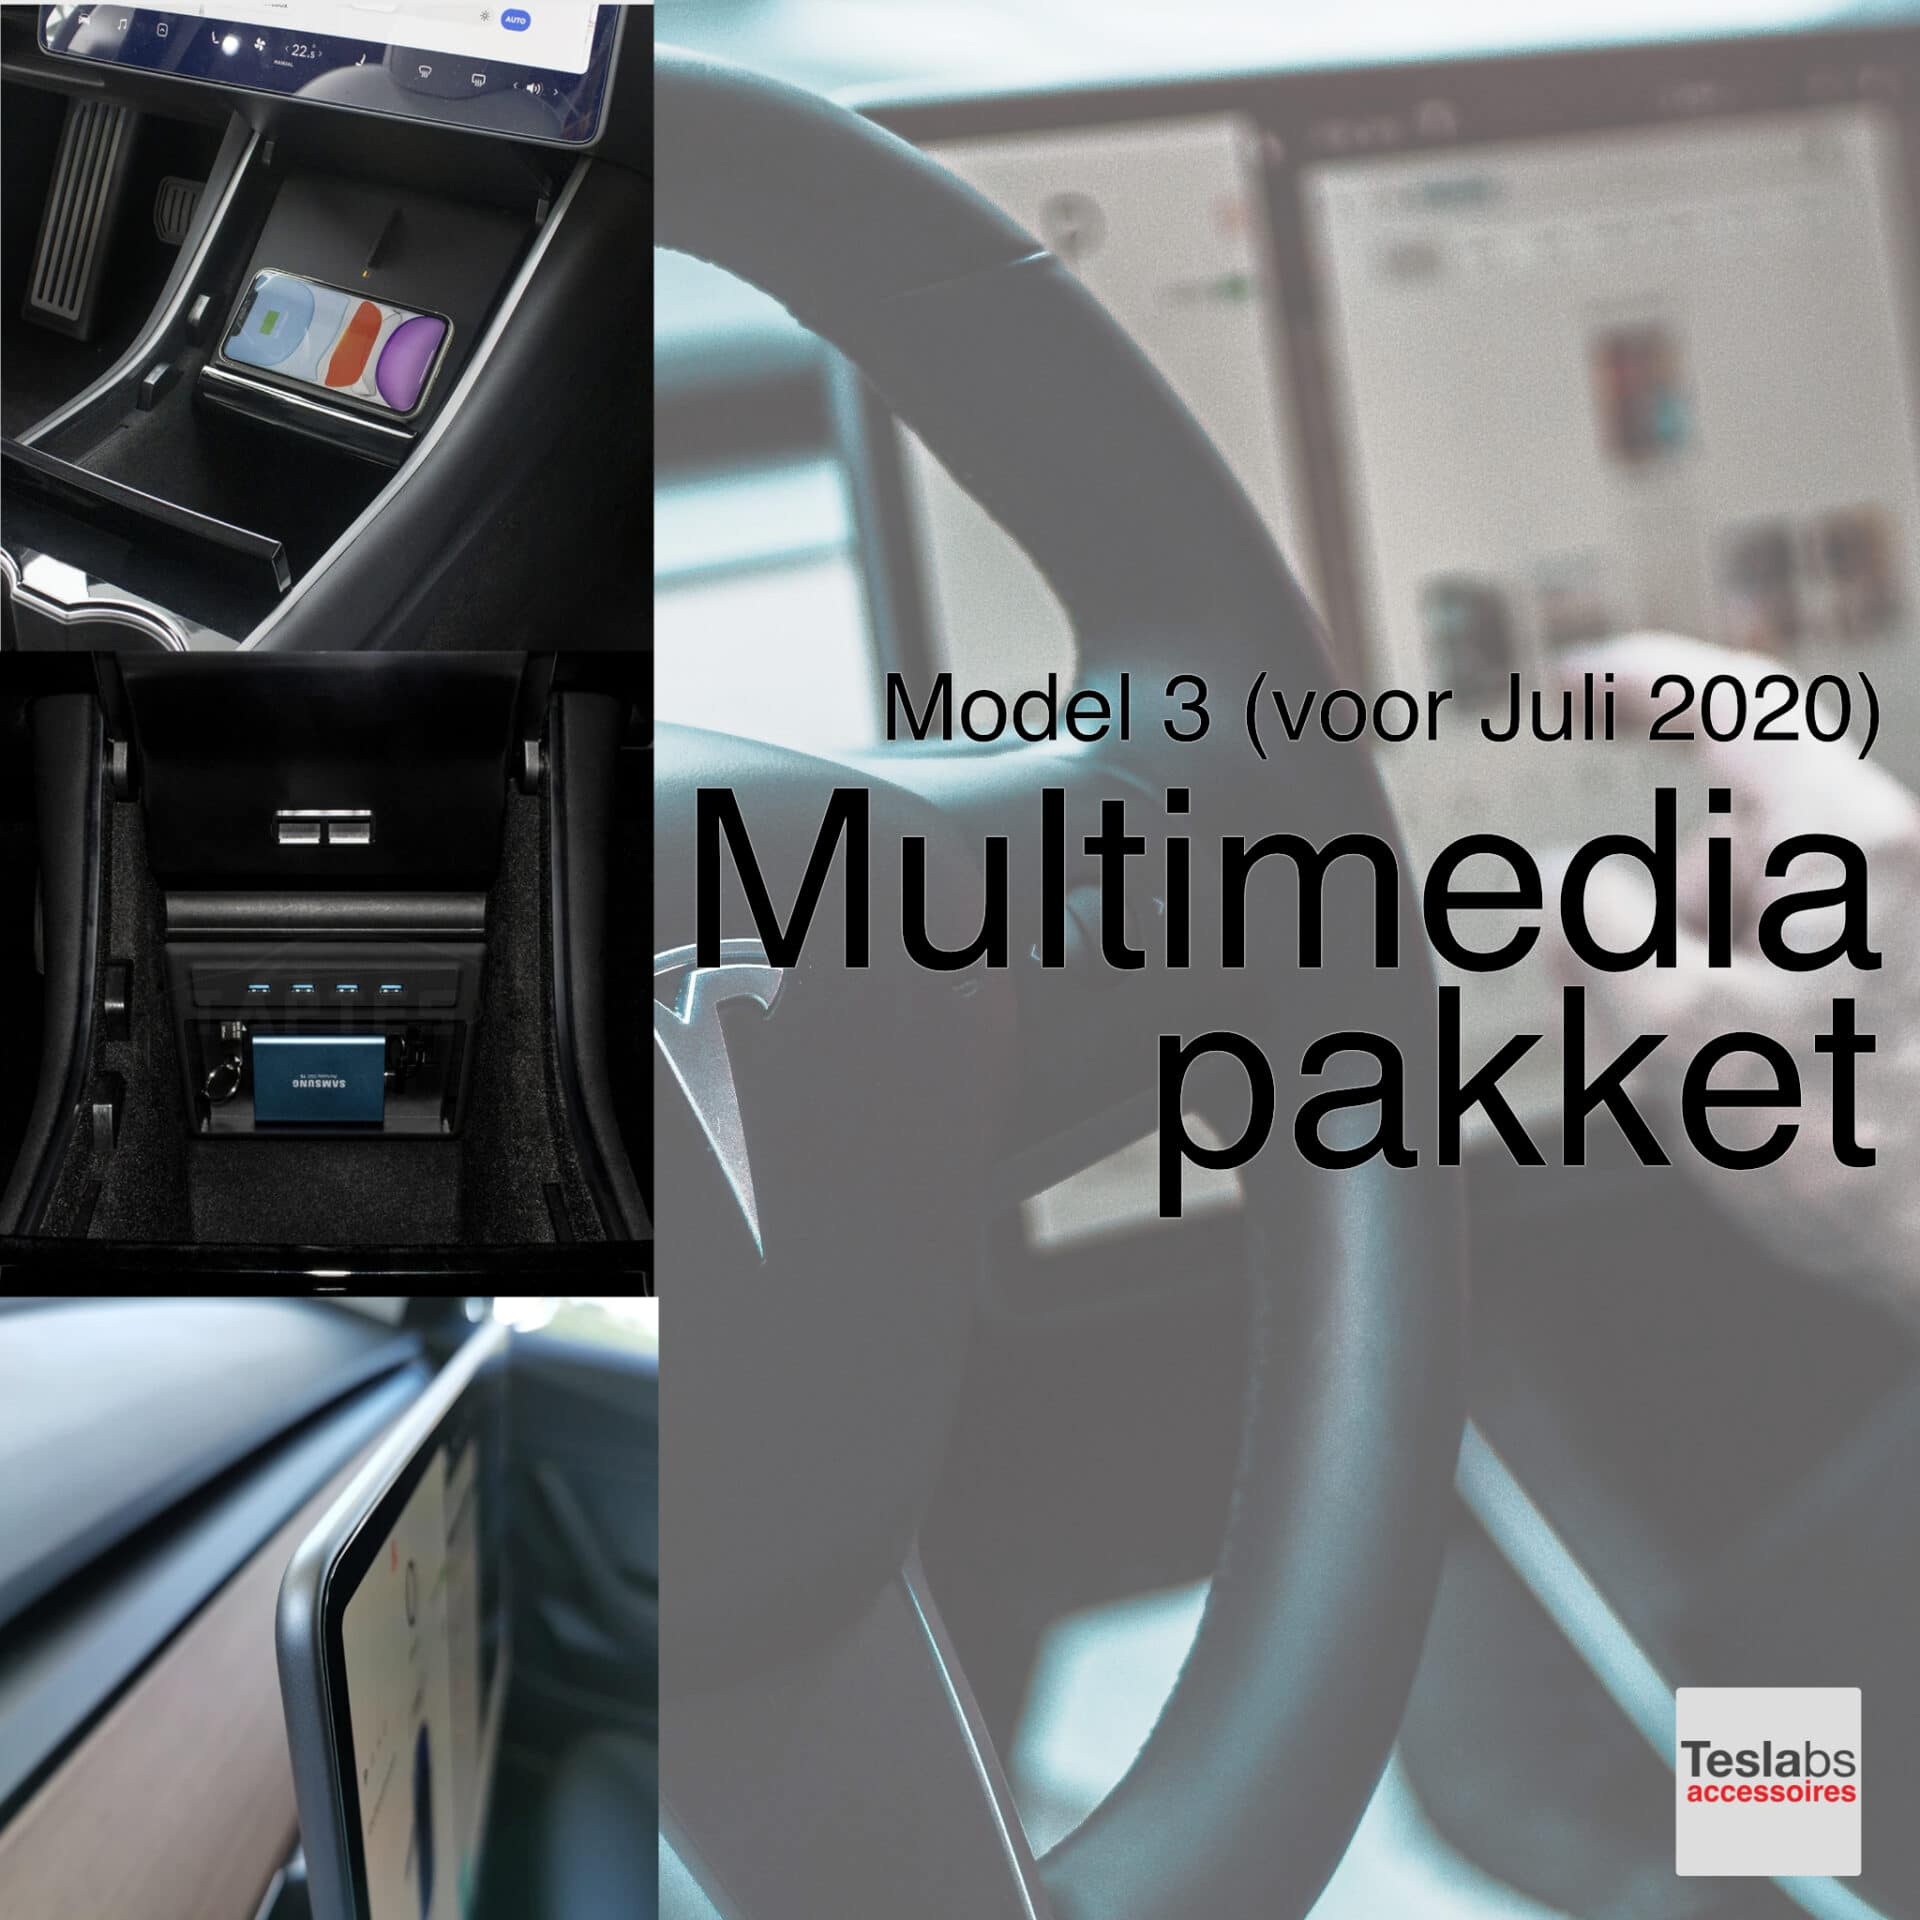 Tesla Model 3 - Multimedia pakket pre juli 2020